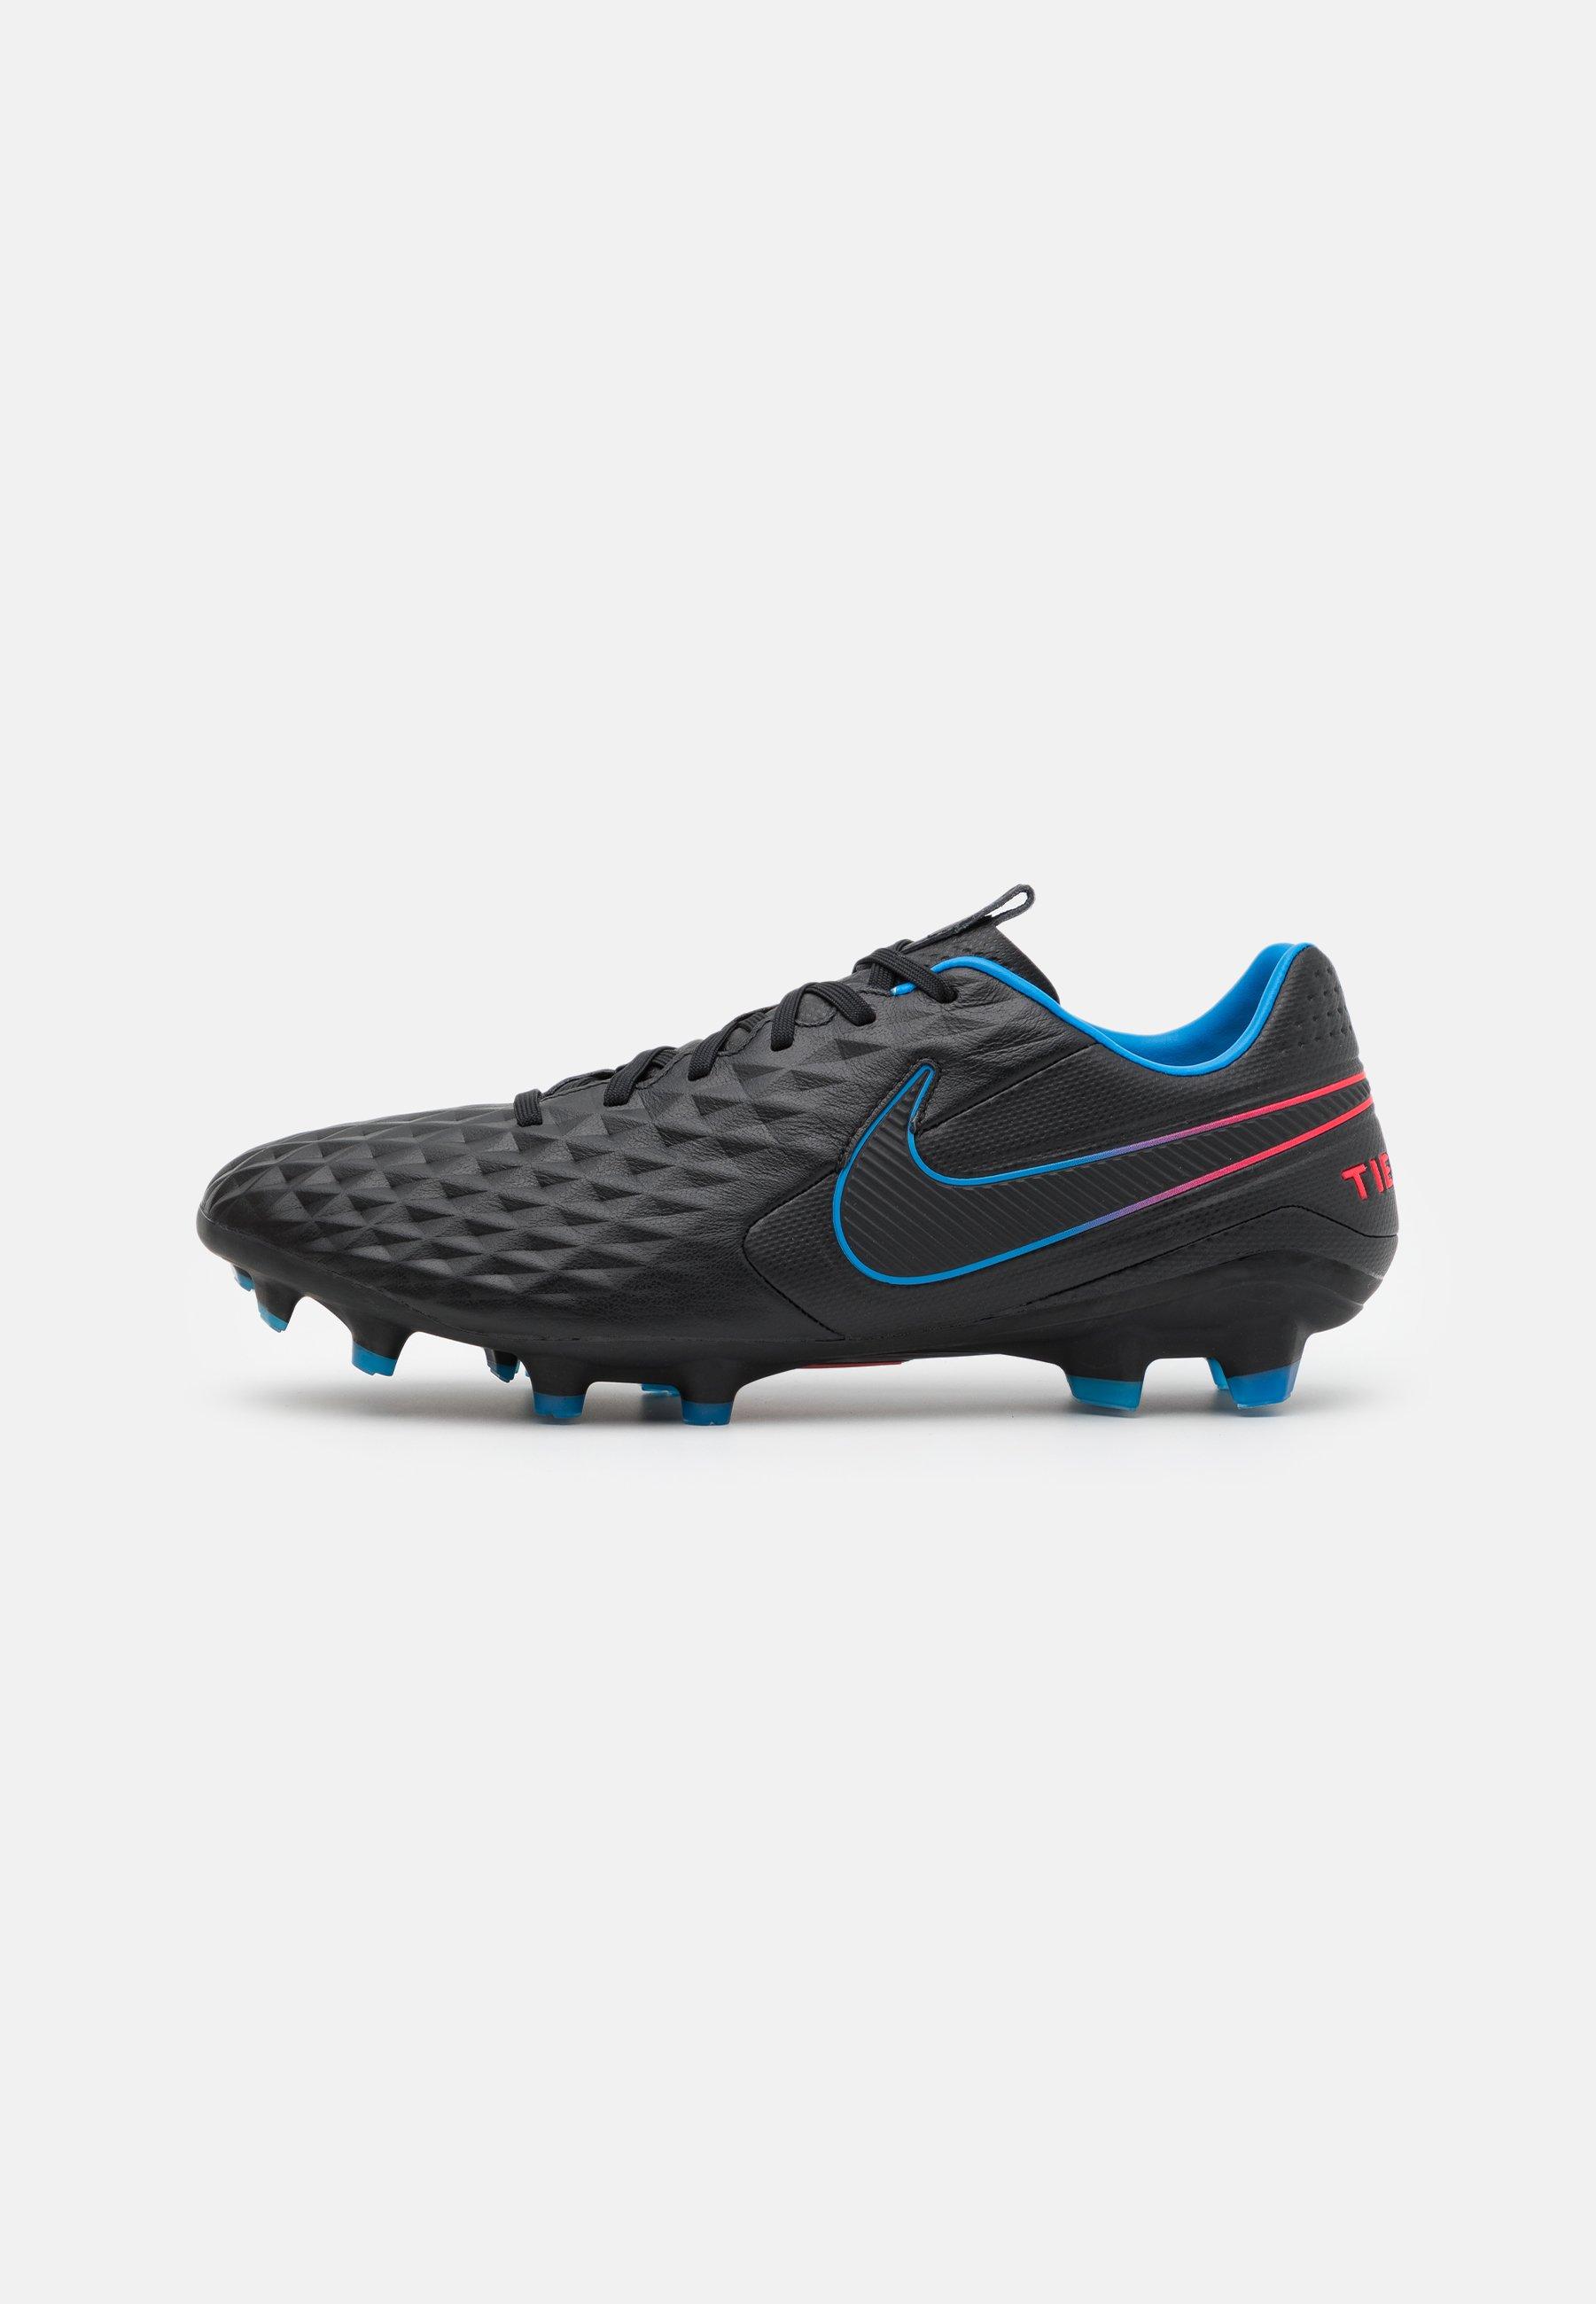 Homme TIEMPO LEGEND 8 PRO FG - Chaussures de foot à crampons